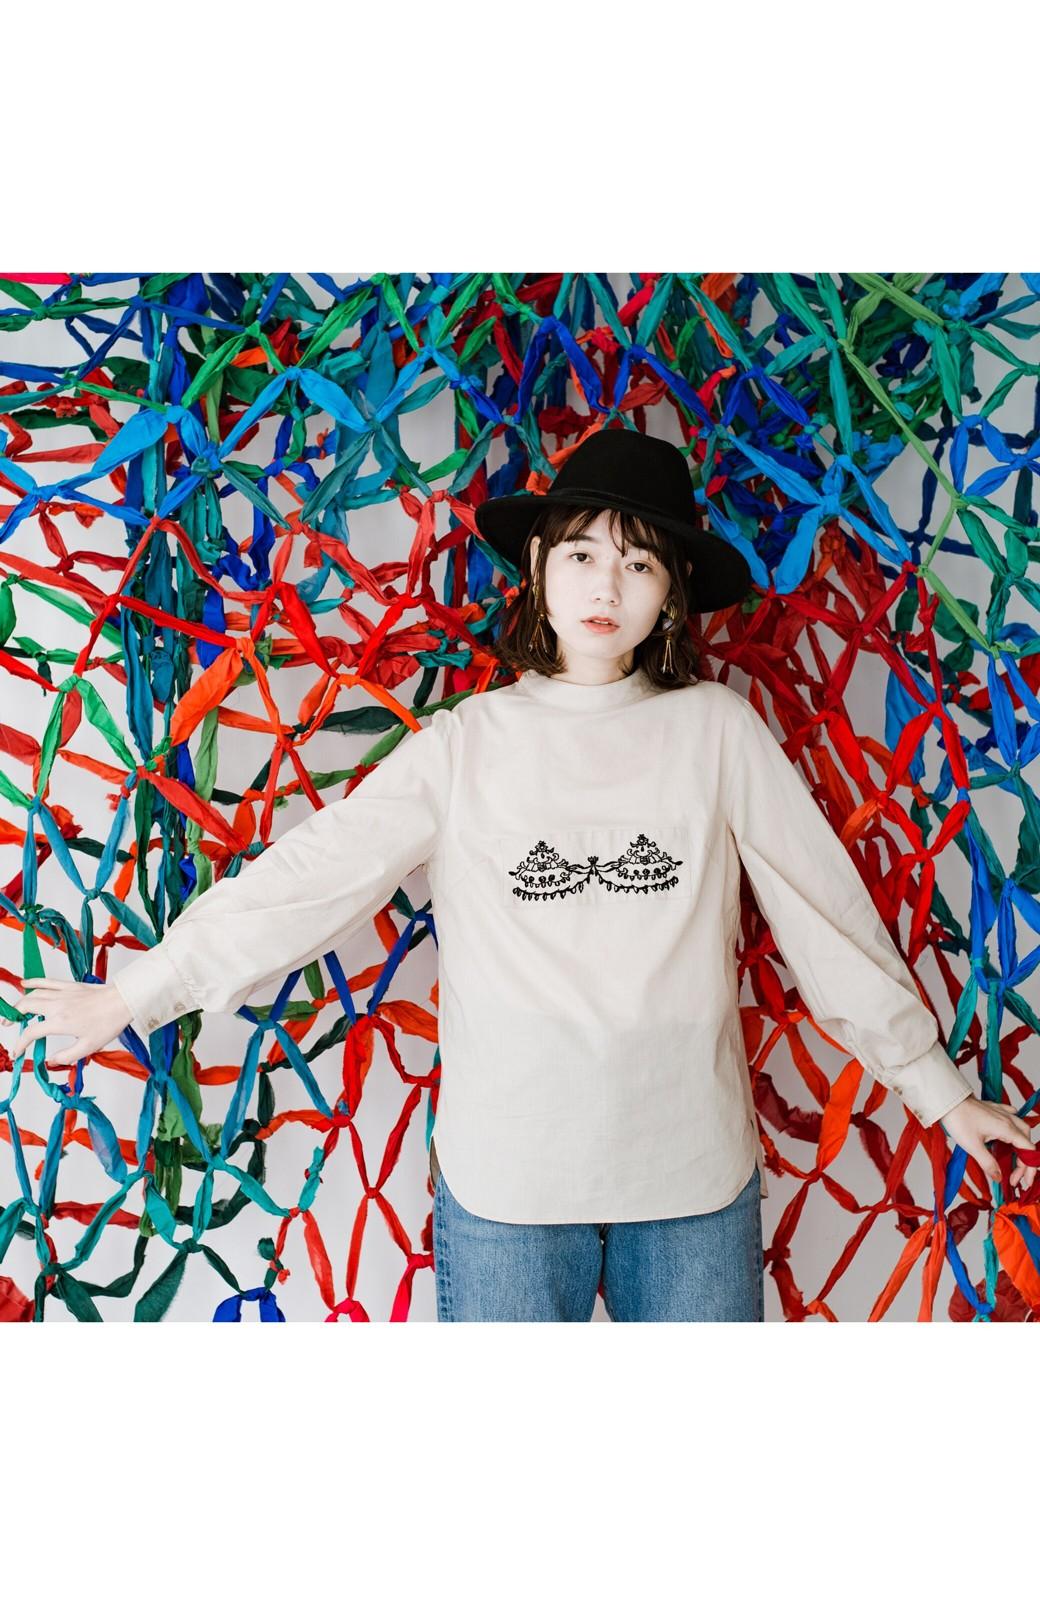 haco! 上品な刺繍がまるでレースのよう オーガニックコットンの袖ぽんわりブラウス from Stitch by Stitch <ライトベージュ>の商品写真18